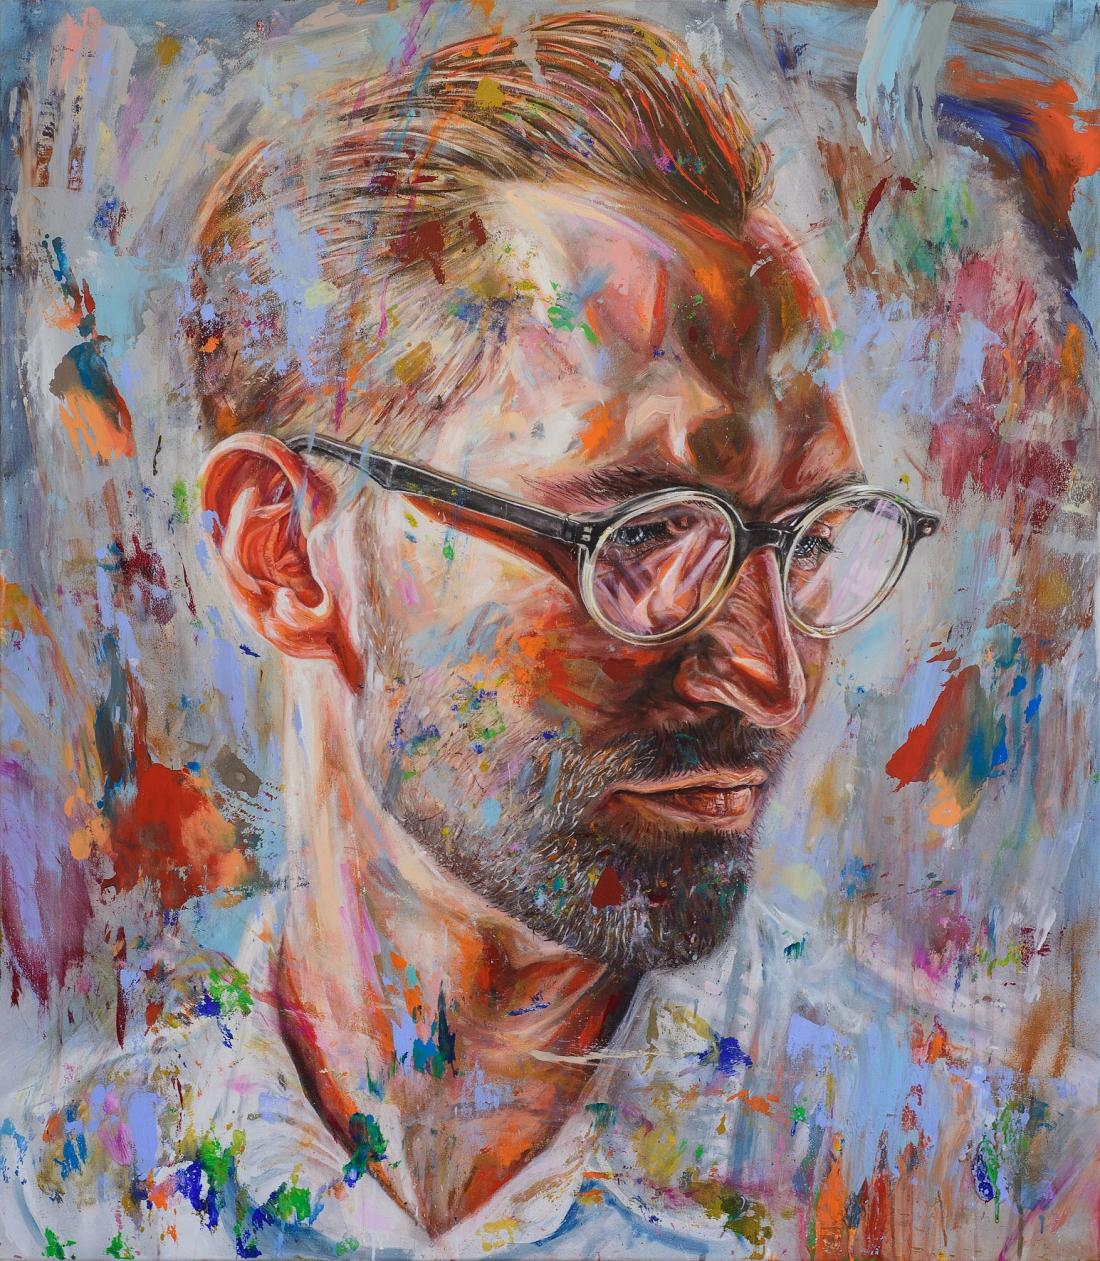 'Bartenders Choice' acrylic and spray paint on canvas 140cm x 160cm